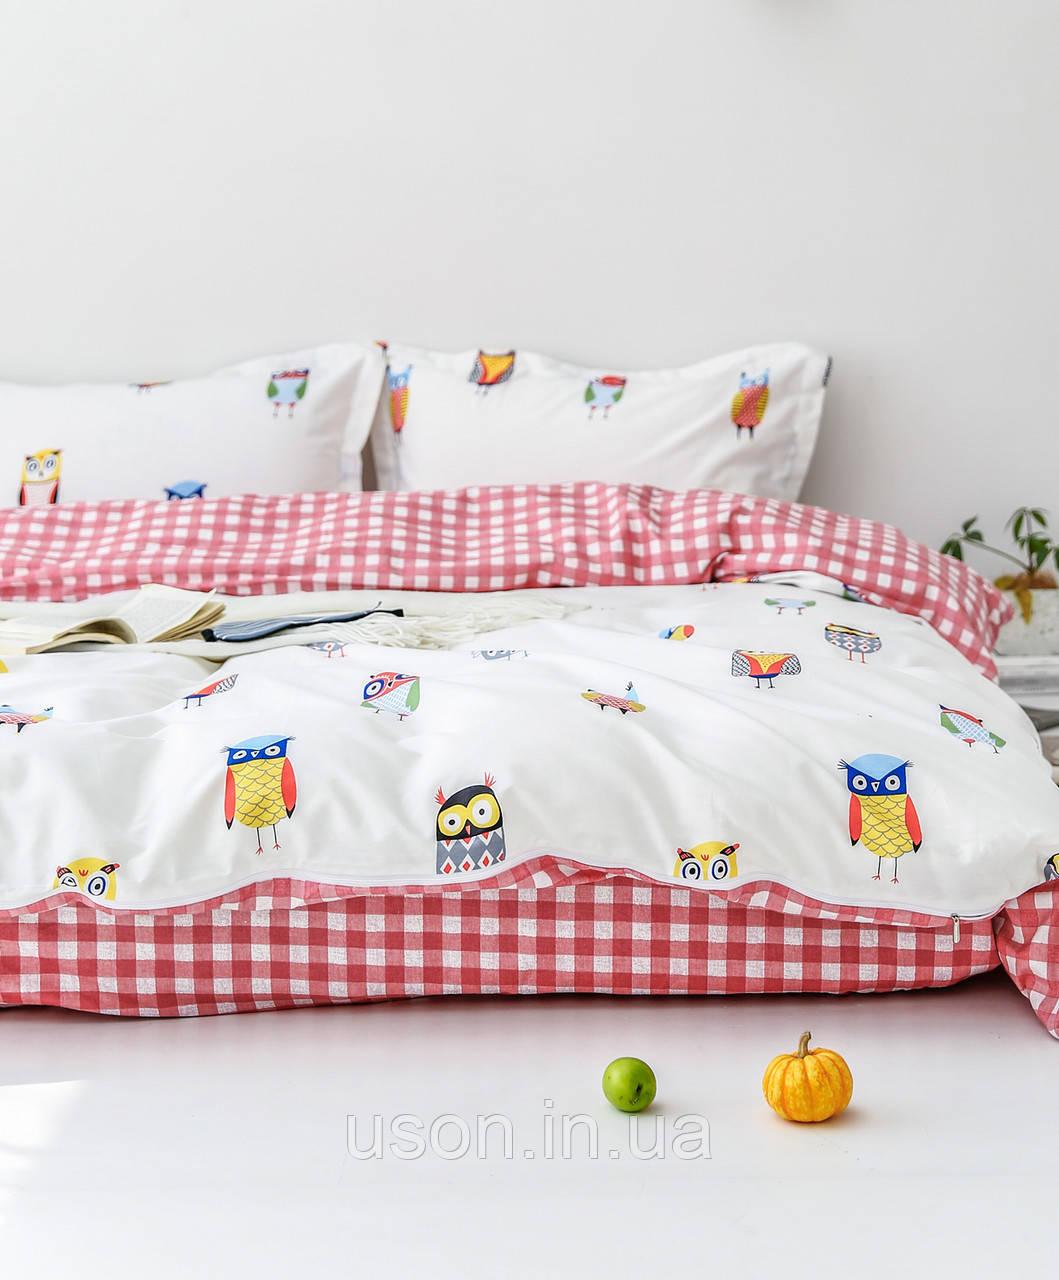 Комплект постельного белья Vip сатин лайт Tм Love You  tl 190720